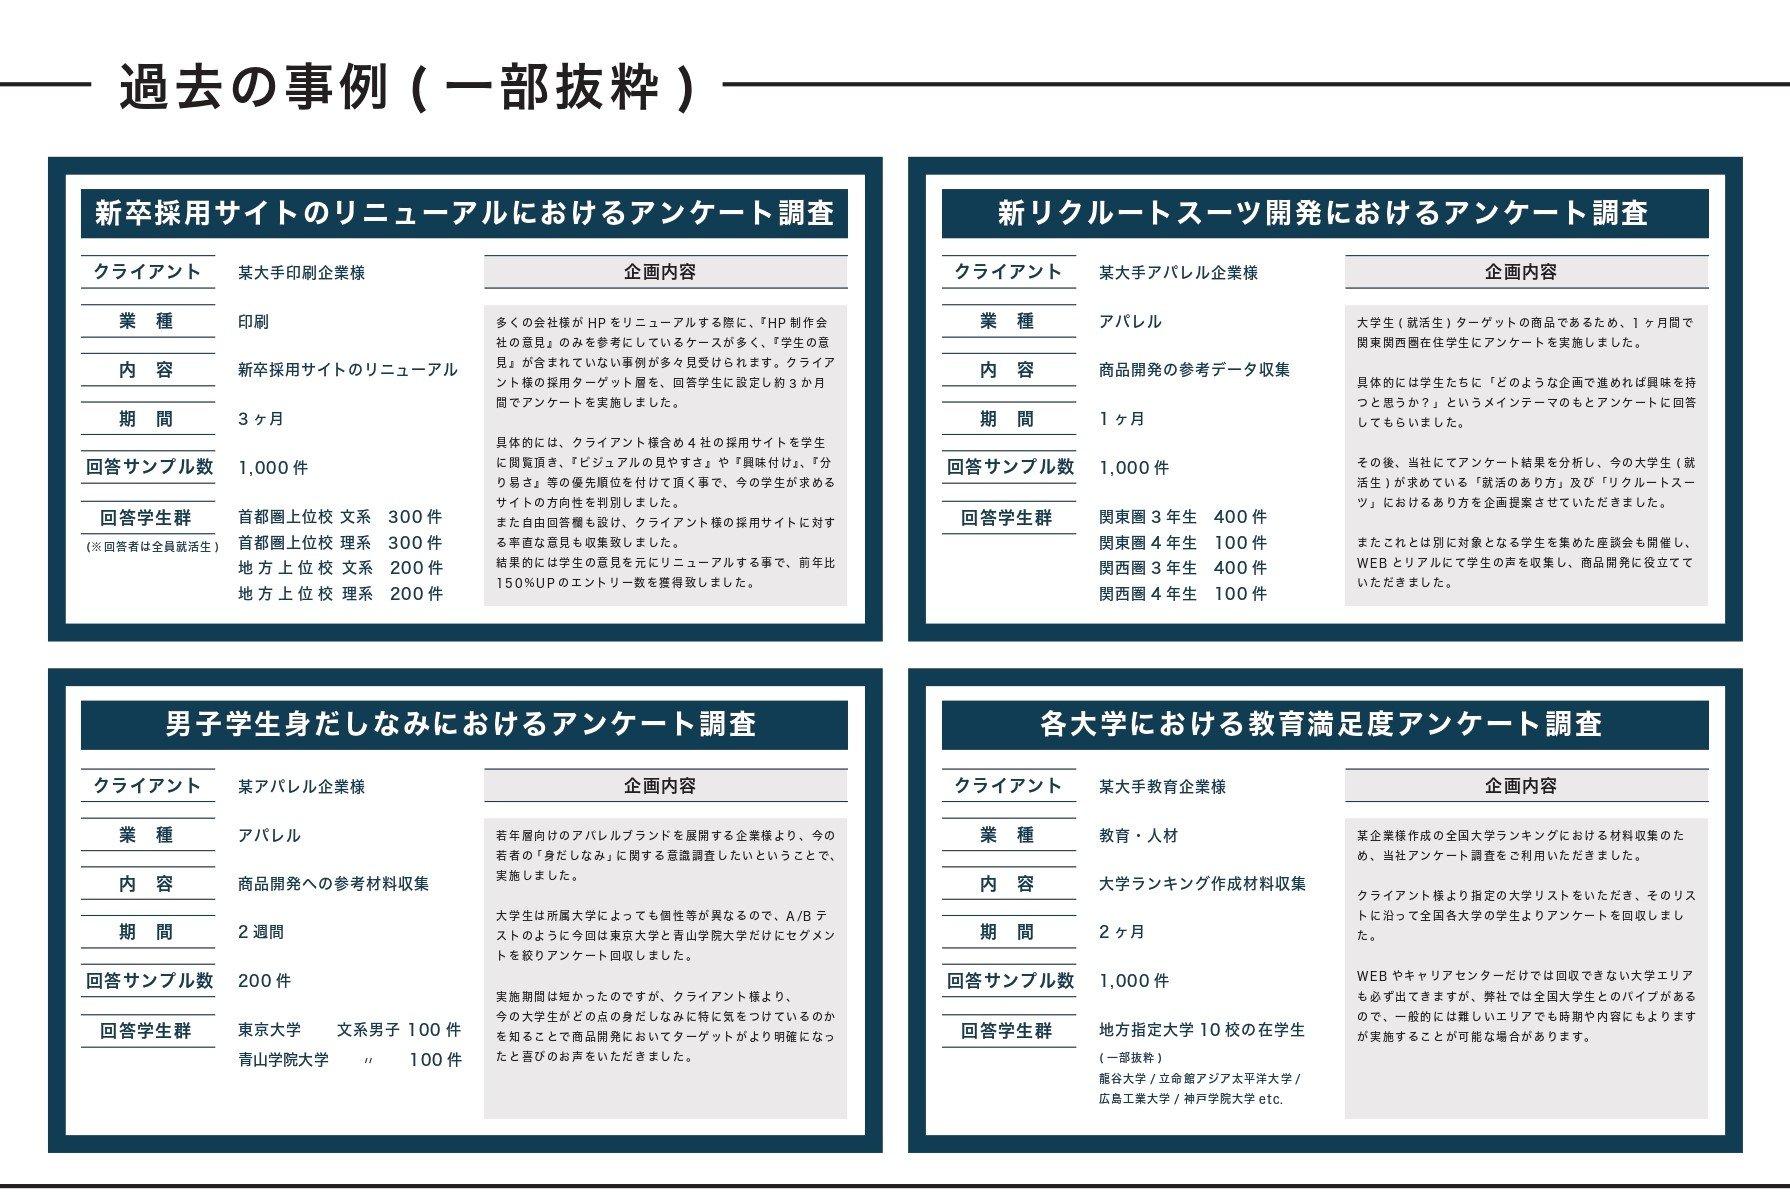 螟ァ蟄ヲ逕溷髄縺代・繝シ繧ア繝・ぅ繝ウ繧ー縺ォ髢「縺励※_page-0006-1